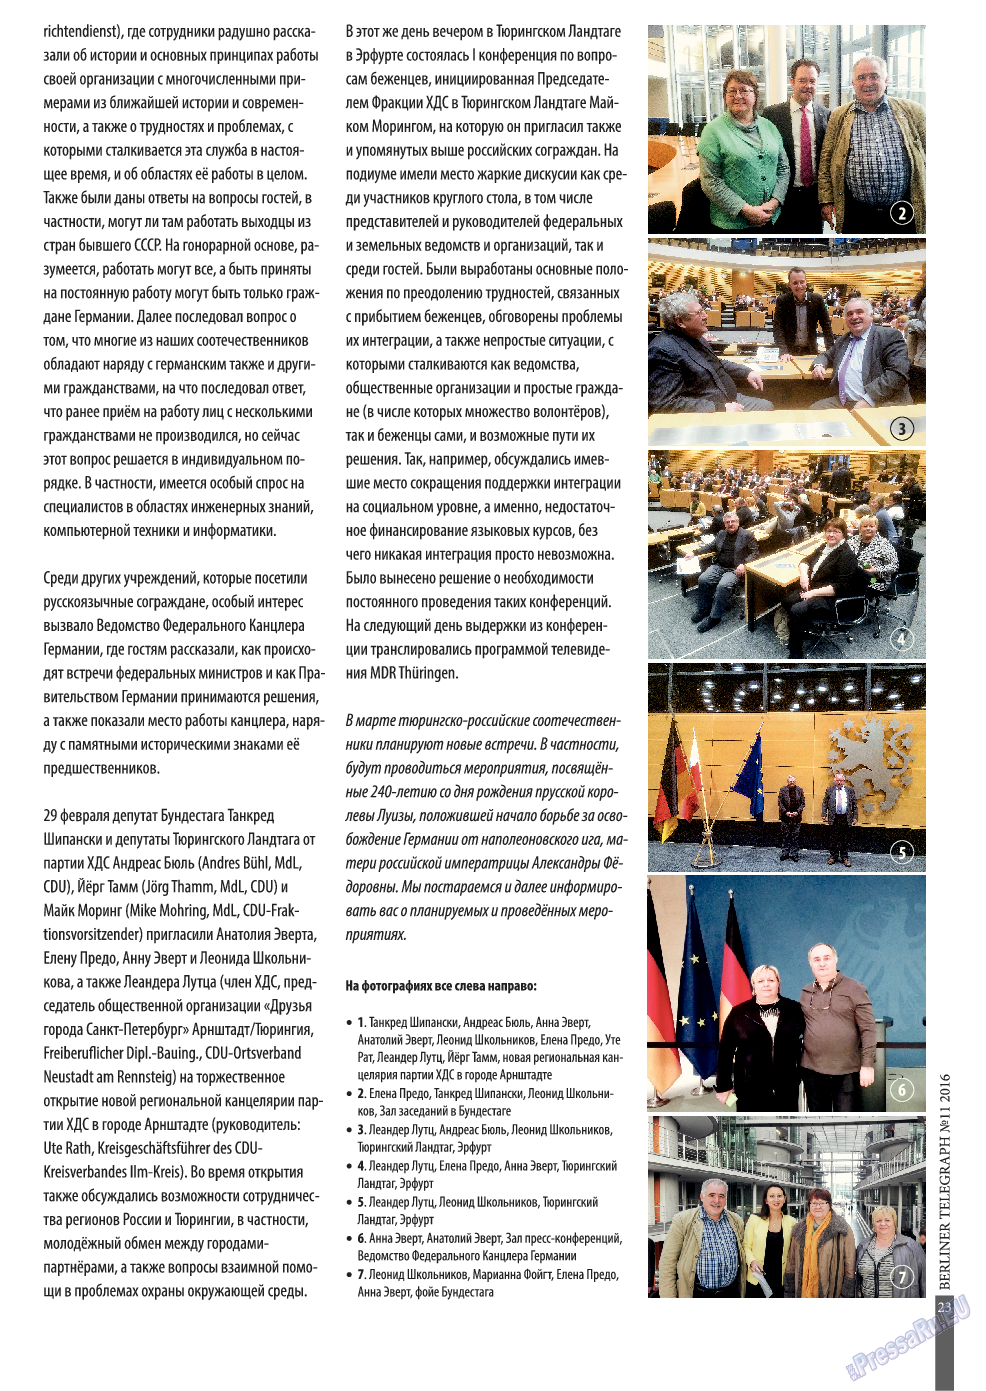 Берлинский телеграф (журнал). 2016 год, номер 12, стр. 23